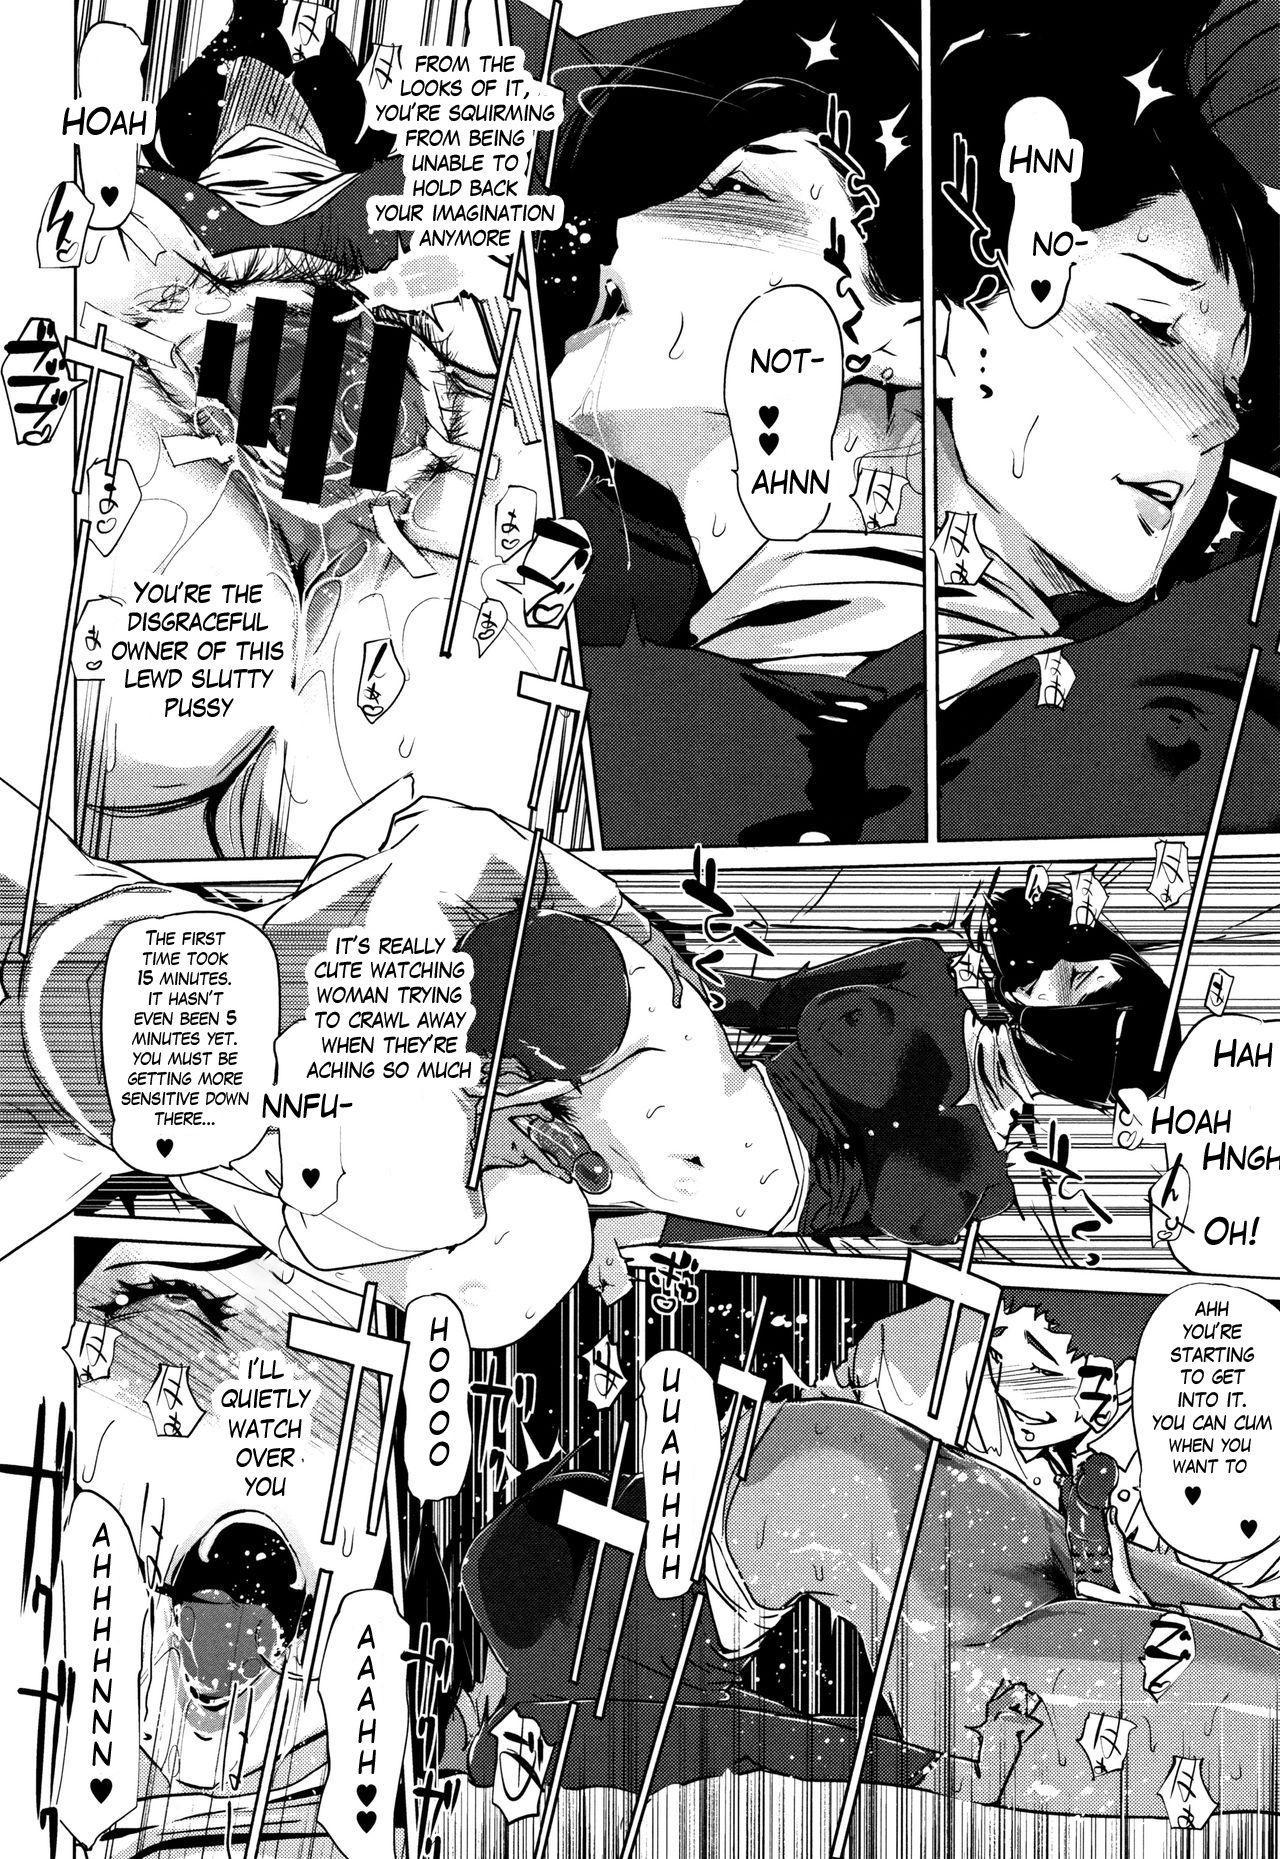 [Clone Ningen] Shinjuiro no Zanzou ~Kazoku ga Neshizumatta Ato de~ Ch. 5 [English] 19